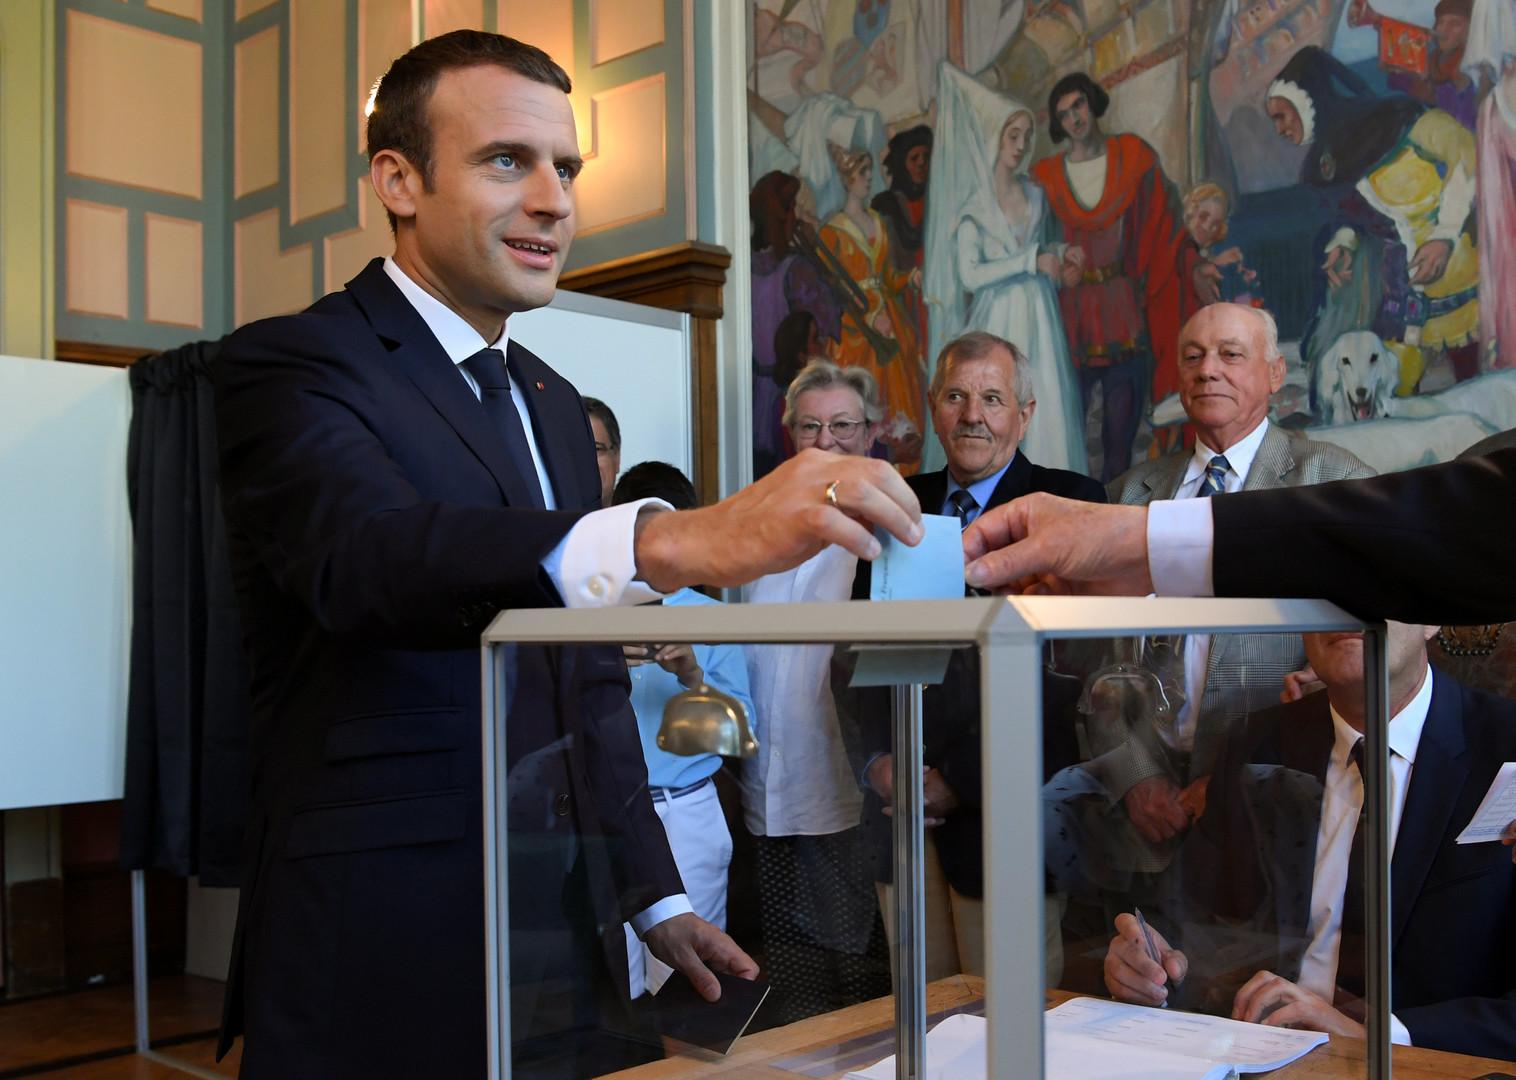 Президентская победа: партия Макрона завоевала большинство мест в парламенте Франции